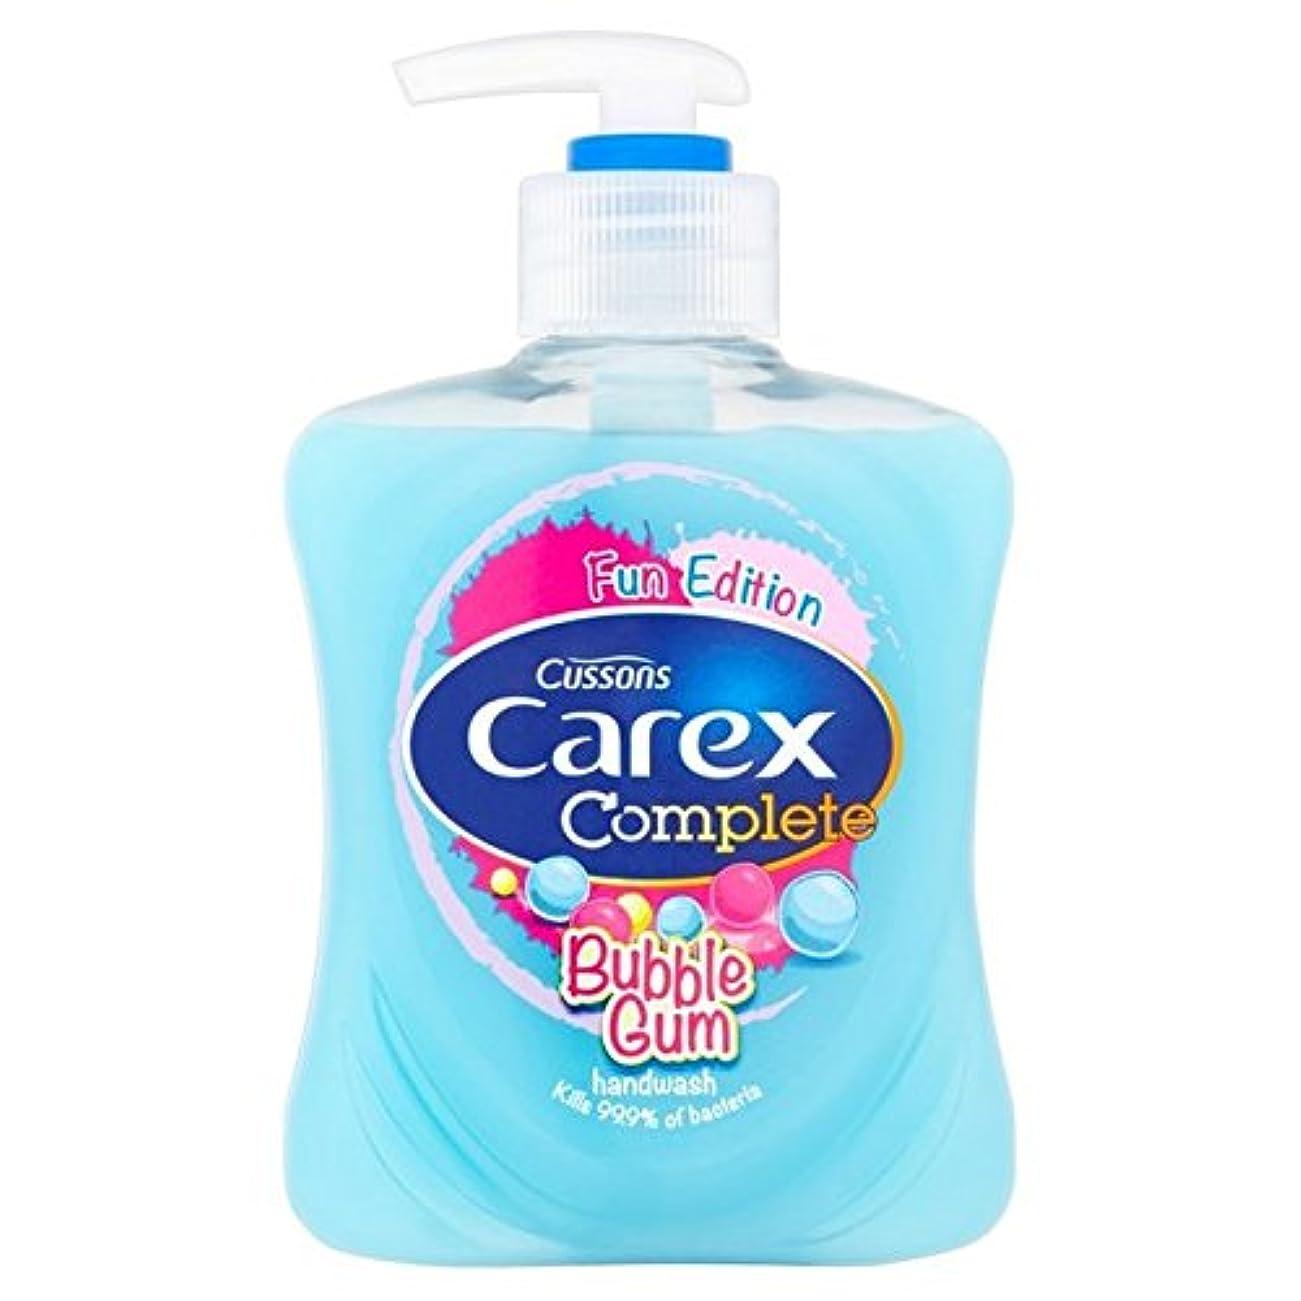 解任甘くする別れるCarex Kids Handwash Bubblegum 250ml - スゲ子供手洗いバブルガムの250ミリリットル [並行輸入品]